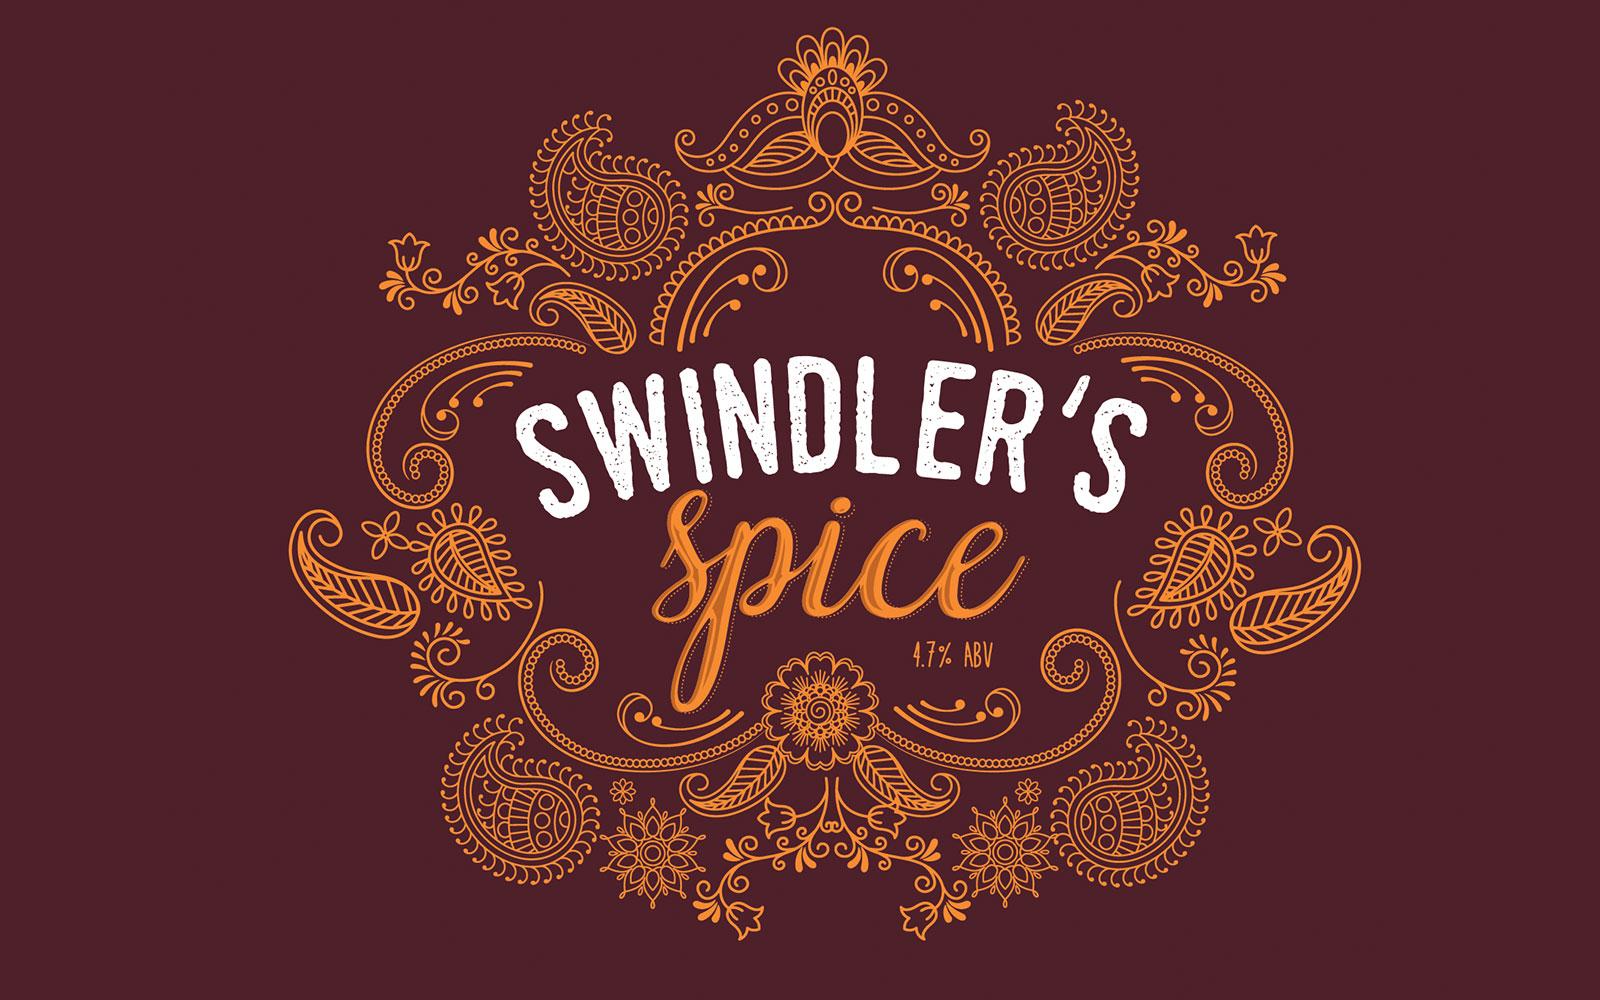 Swindler2.jpg